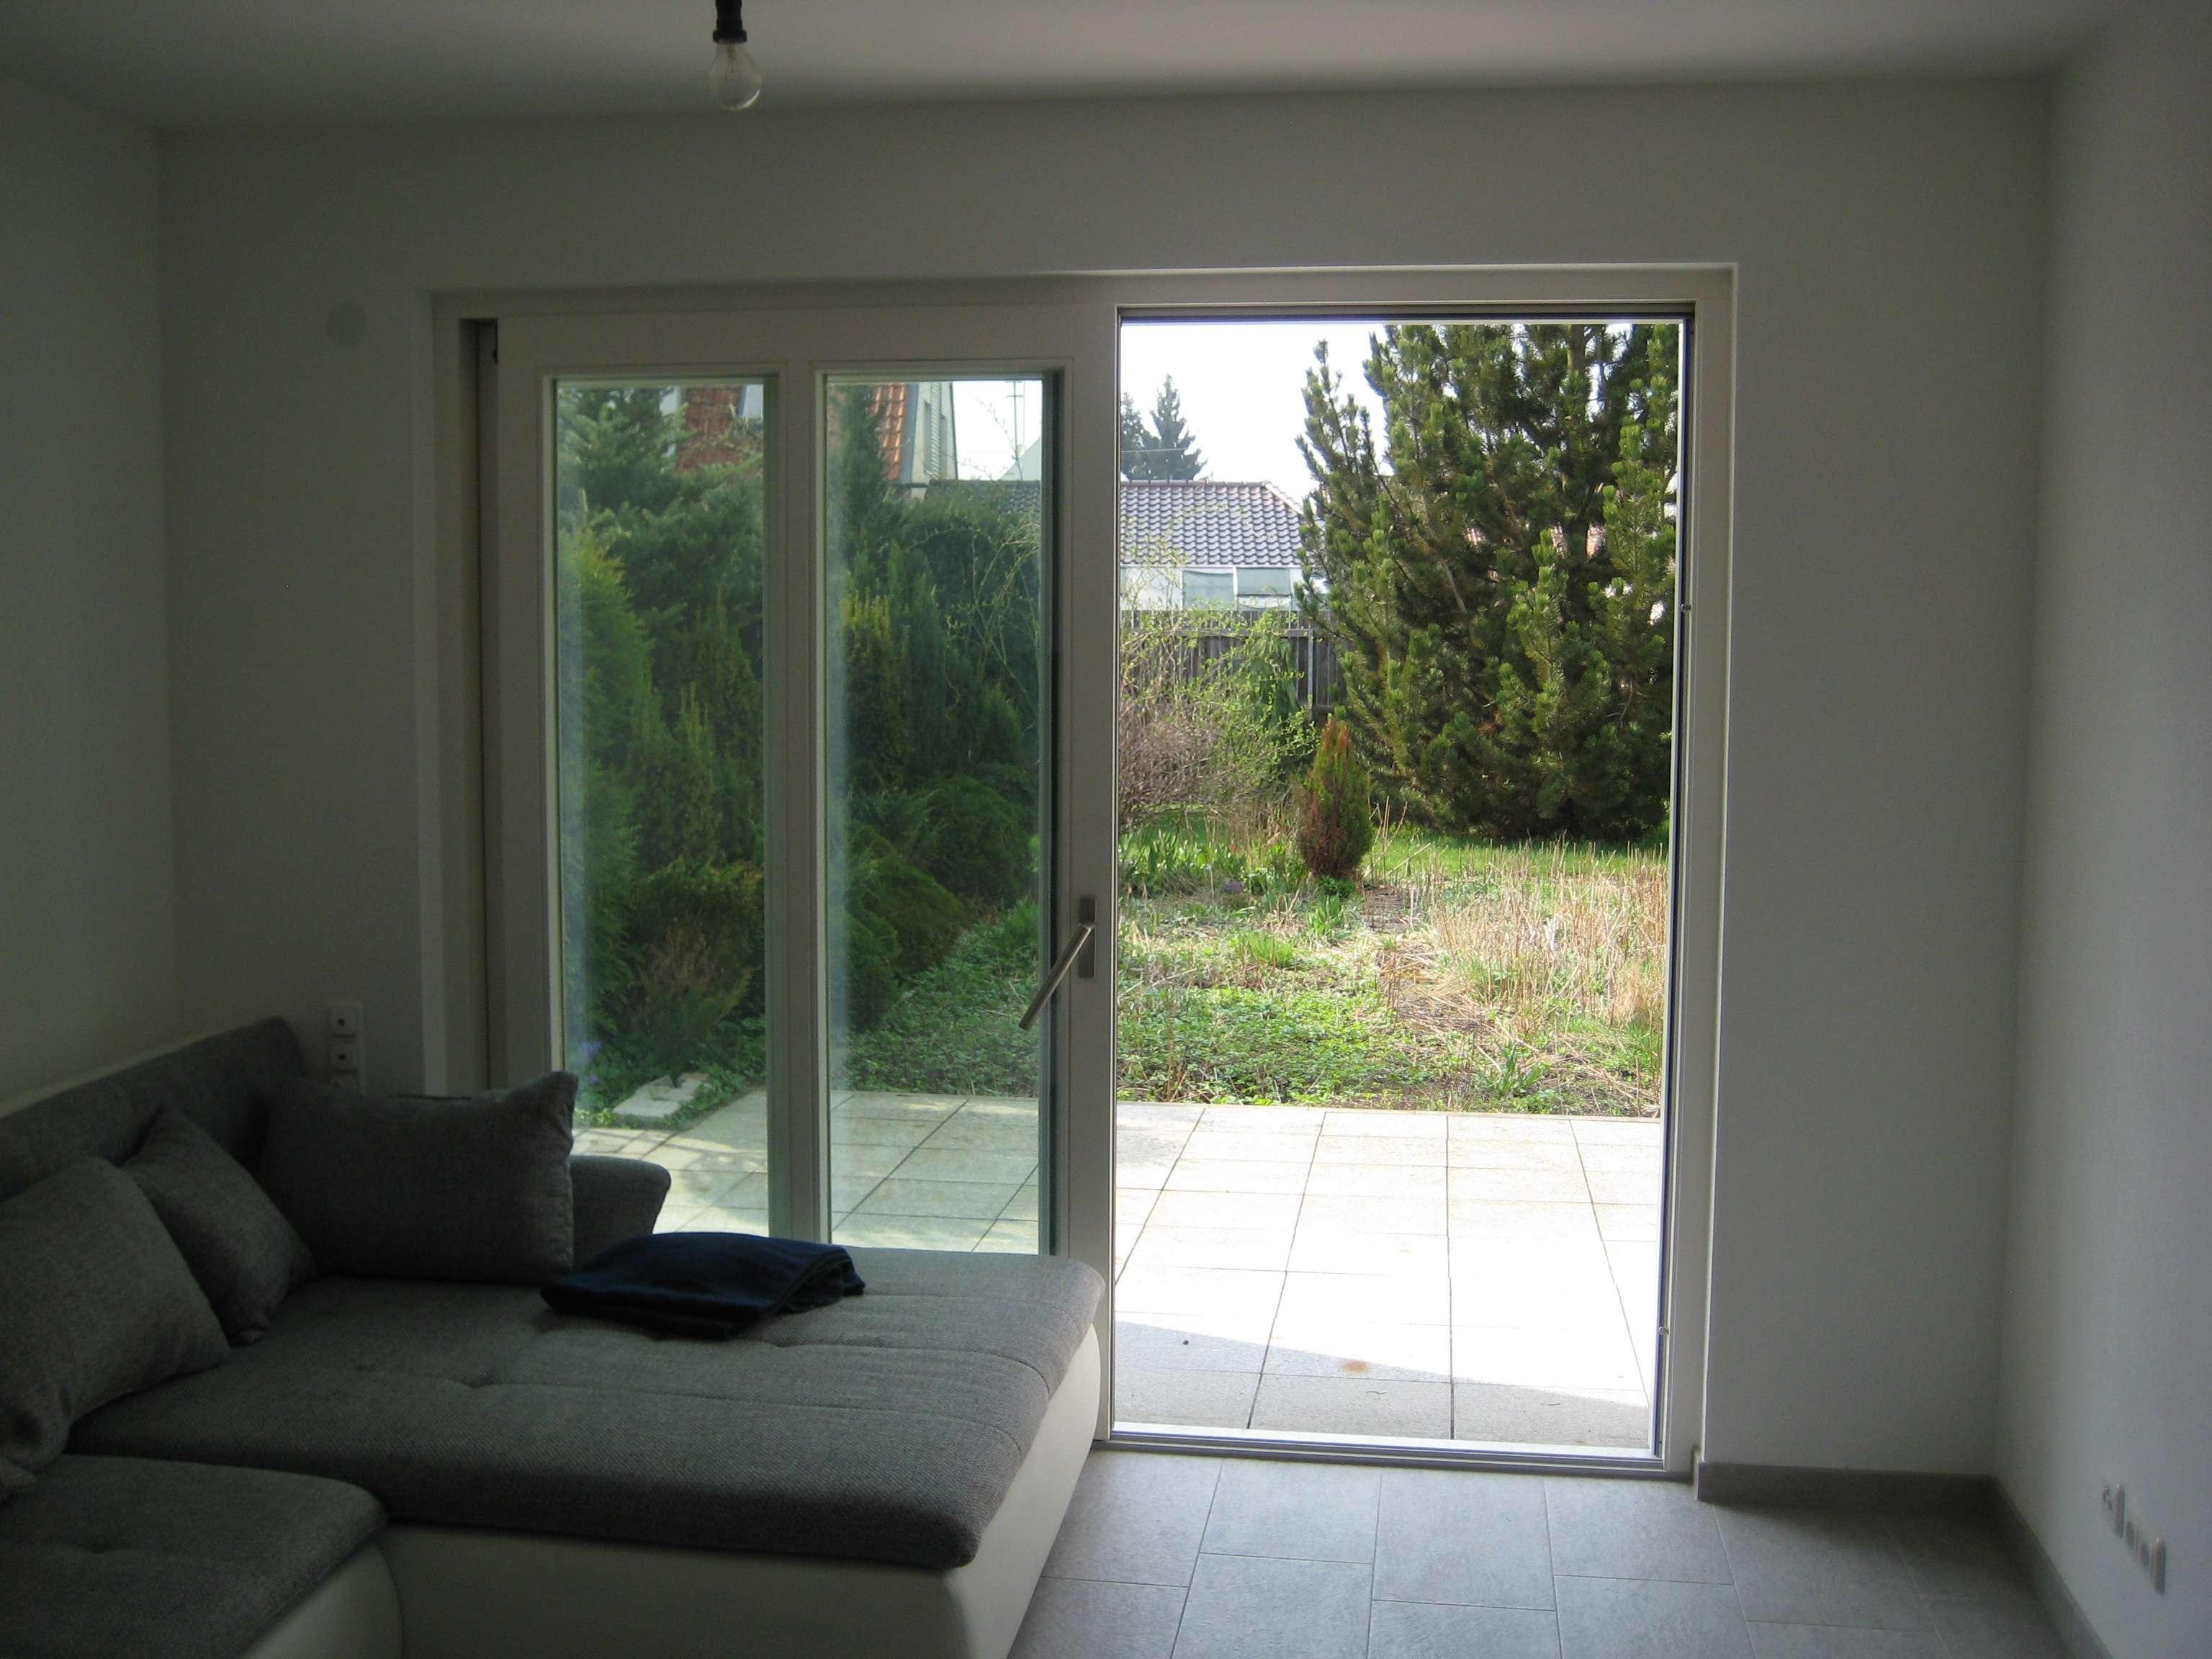 Neuwertige 2-ZKB mit Terrasse, Garten und Einbauküche in Aichach in